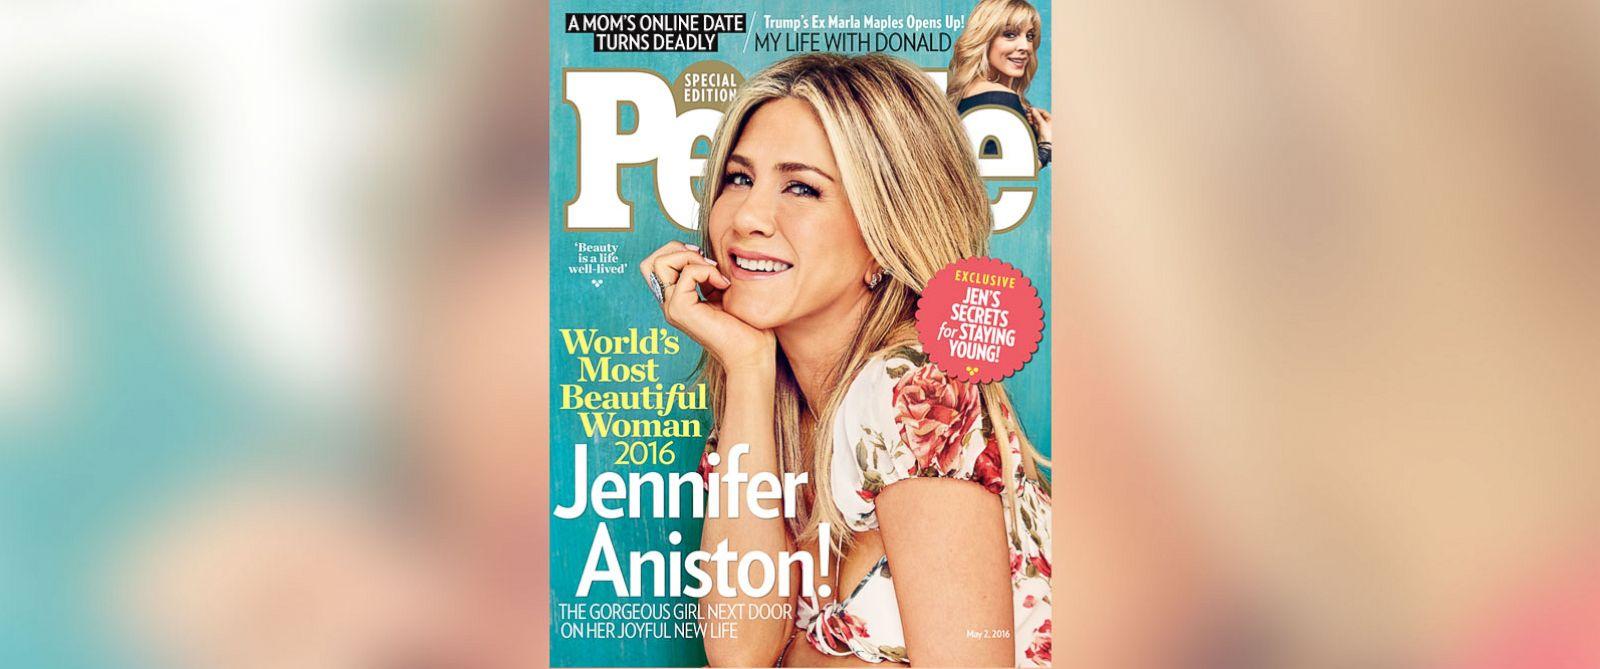 Jennifer Aniston Is People Magazine's 'World's Most Beautiful Woman'